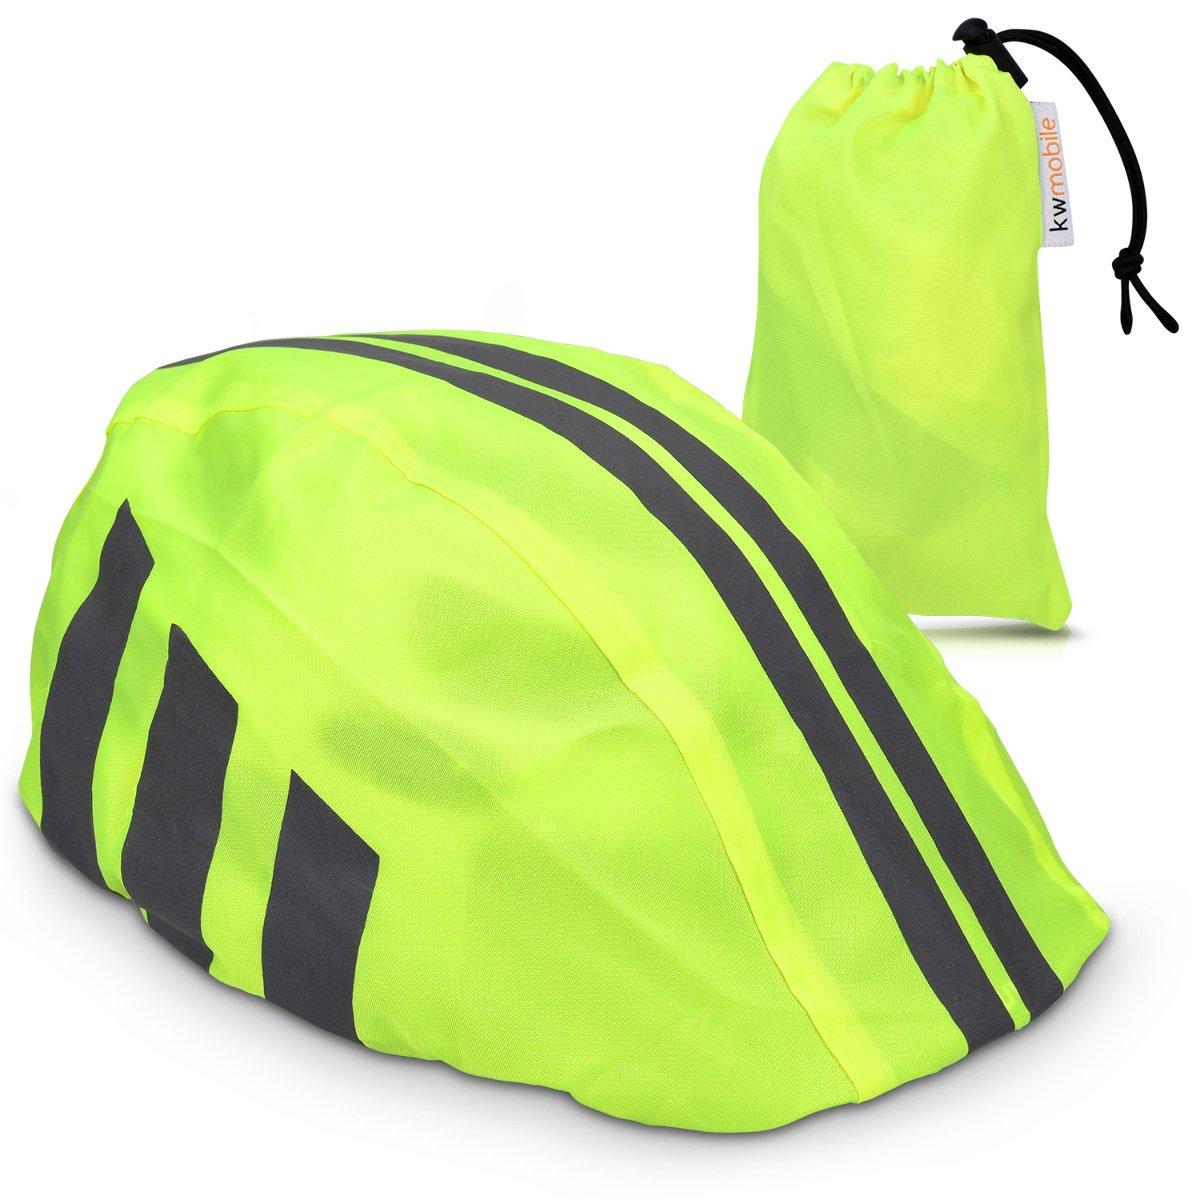 kwmobile Funda para Casco de Bicicleta - Protector para Casco de Bicicleta - Cubierta Resistente al Agua Unisex - Visibilidad en Rosa neón KW-Commerce 43675.08_m000579